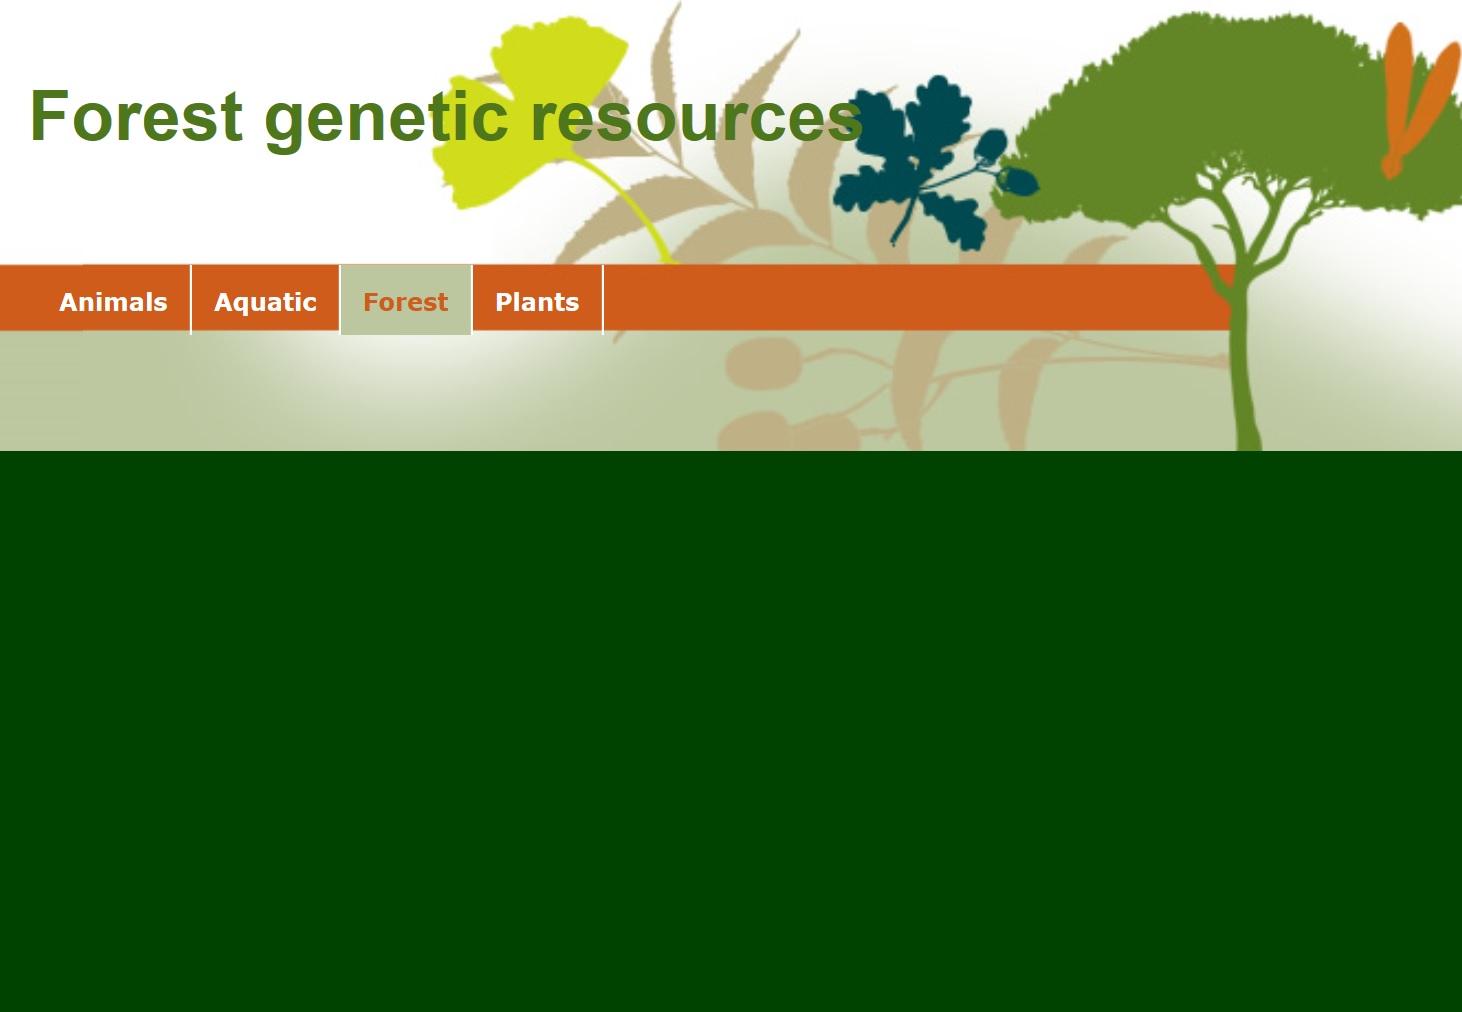 پنجمین جلسه گروه کار فنی تخصصی بین المللی منابع ژنتیکی جنگل